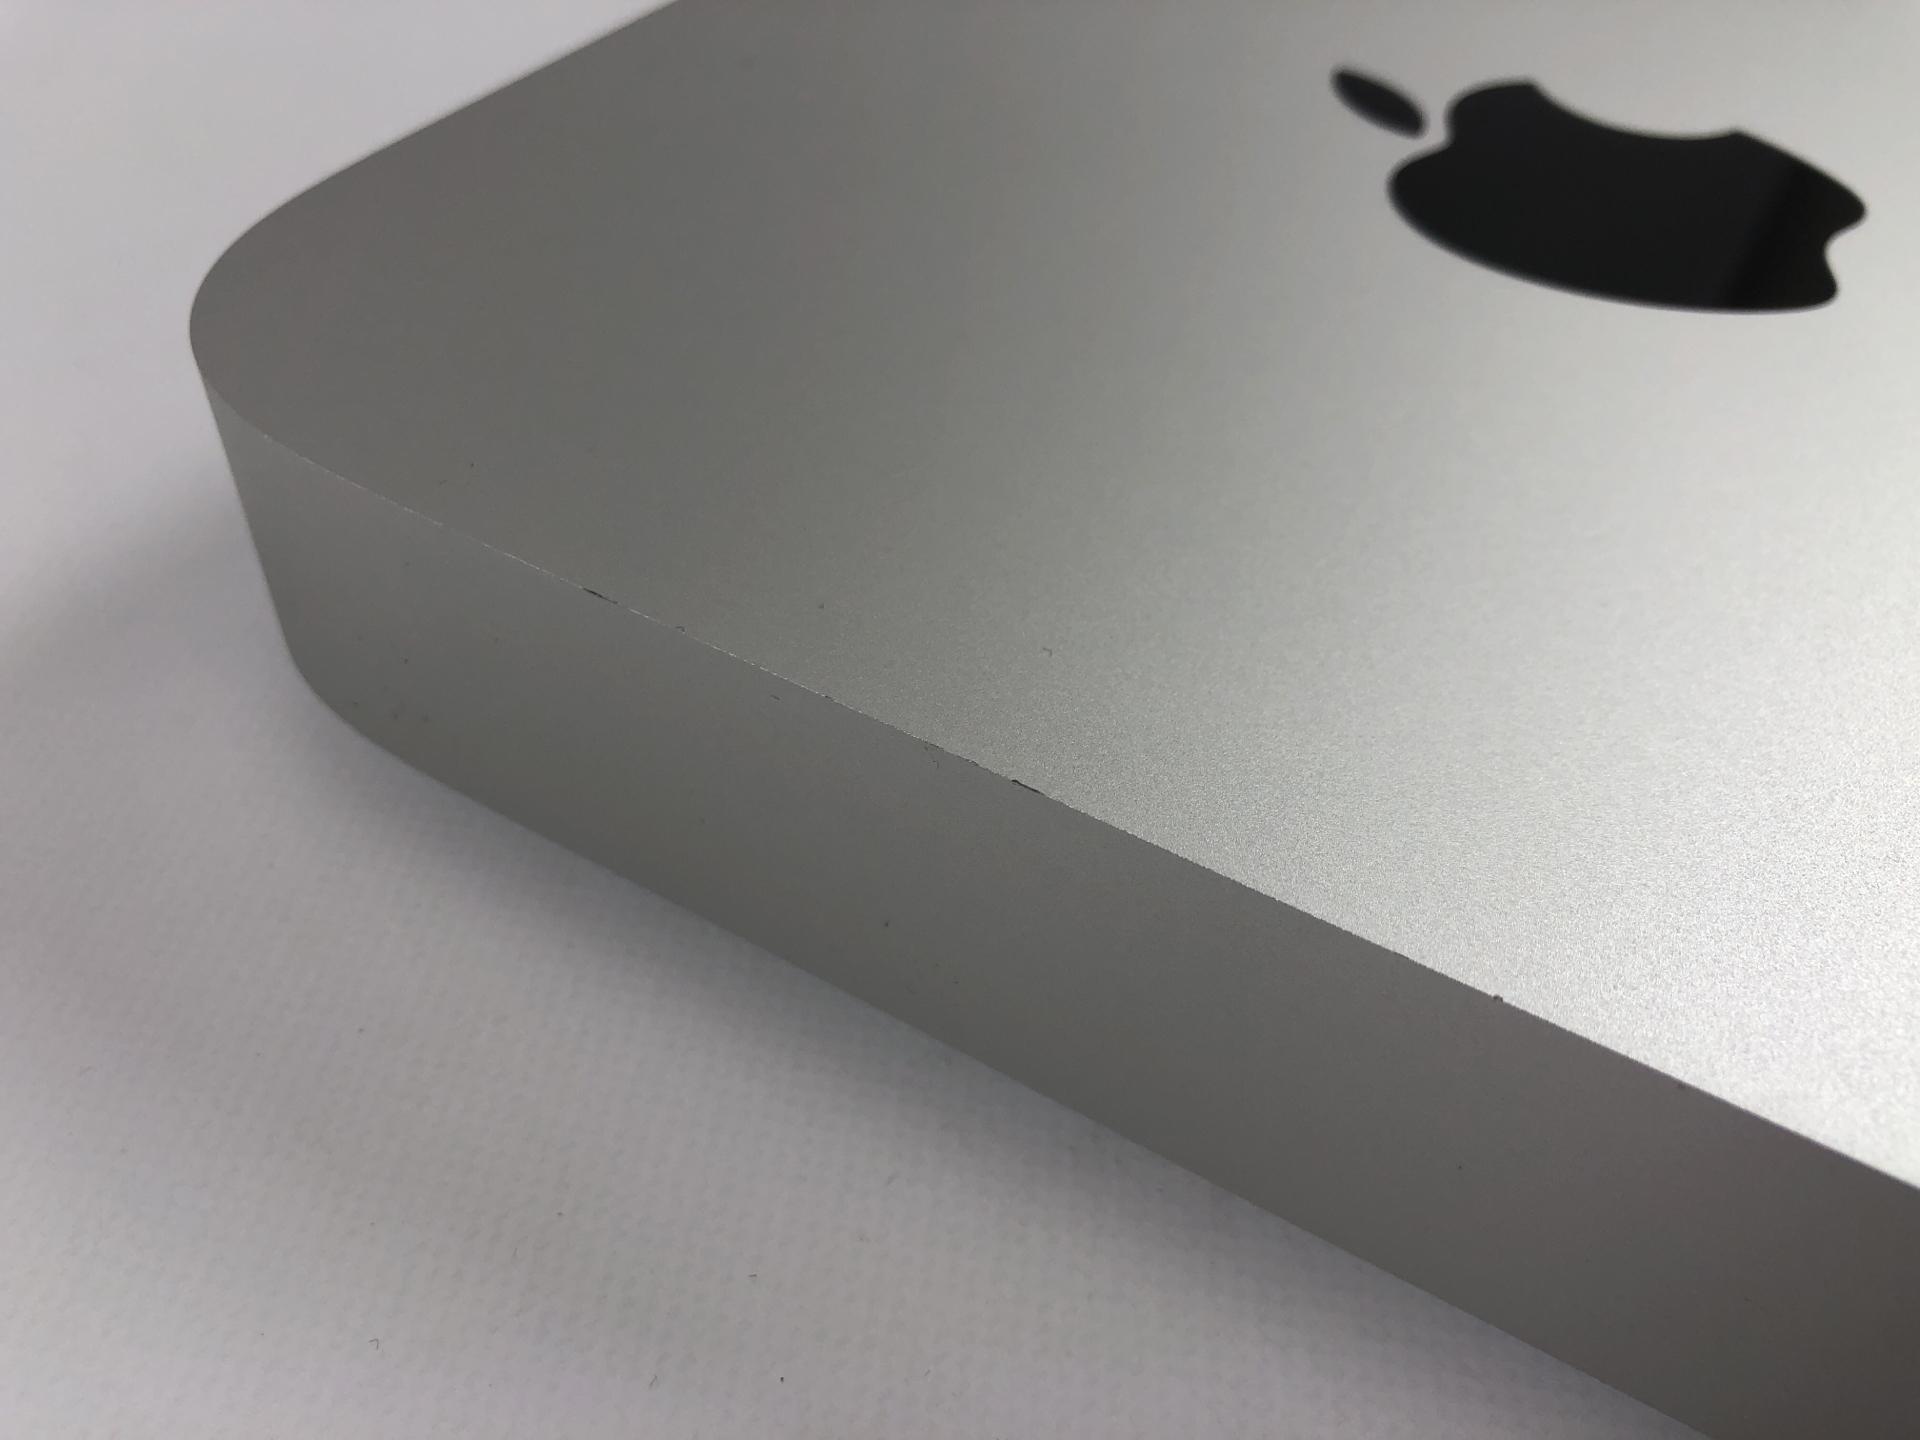 Mac Mini Late 2014 (Intel Core i5 2.8 GHz 8 GB RAM 1 TB SSD), Intel Core i5 2.8 GHz, 8 GB RAM, 1 TB Fusion Drive, bild 2